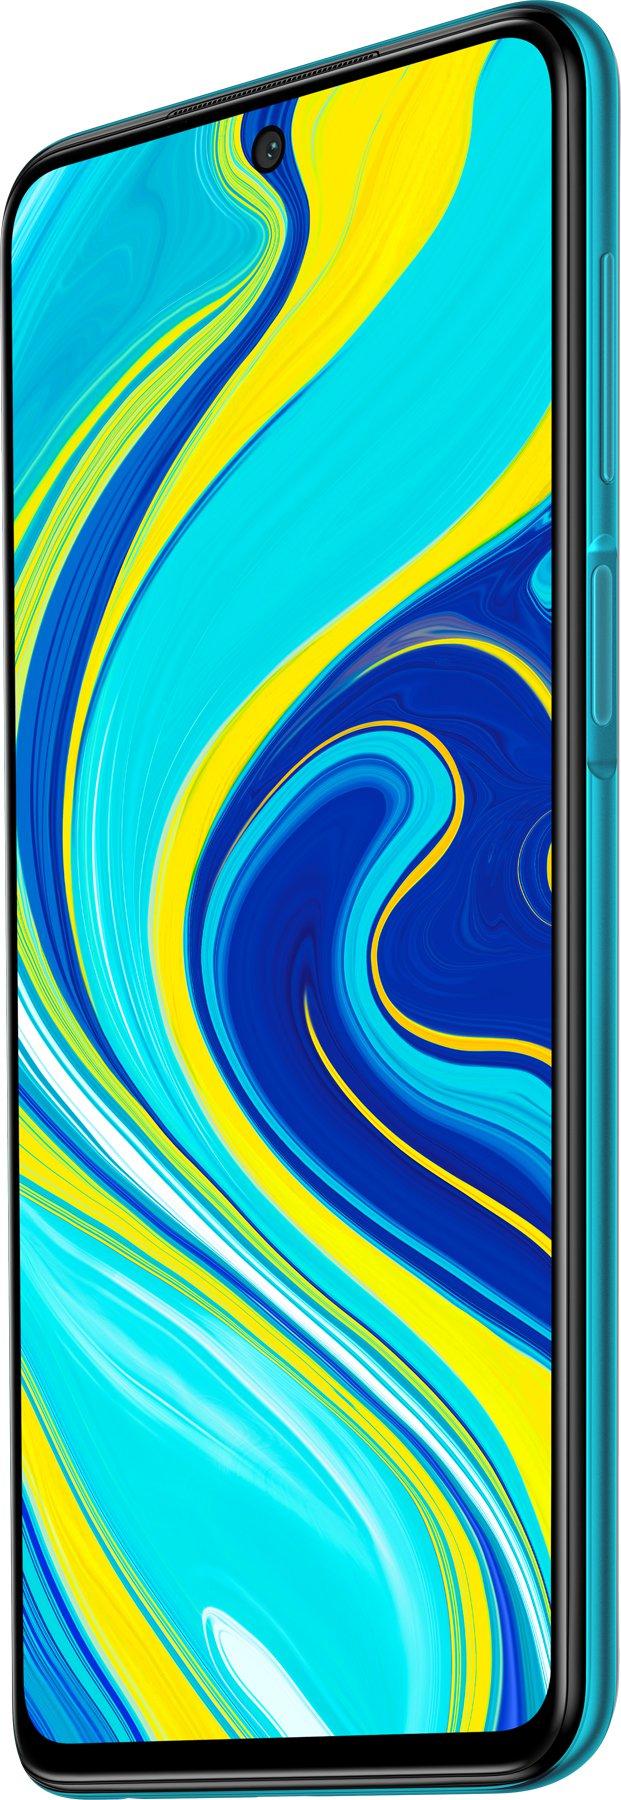 Xiaomi Redmi Note 9S 6GB/128GB BLUE - 2